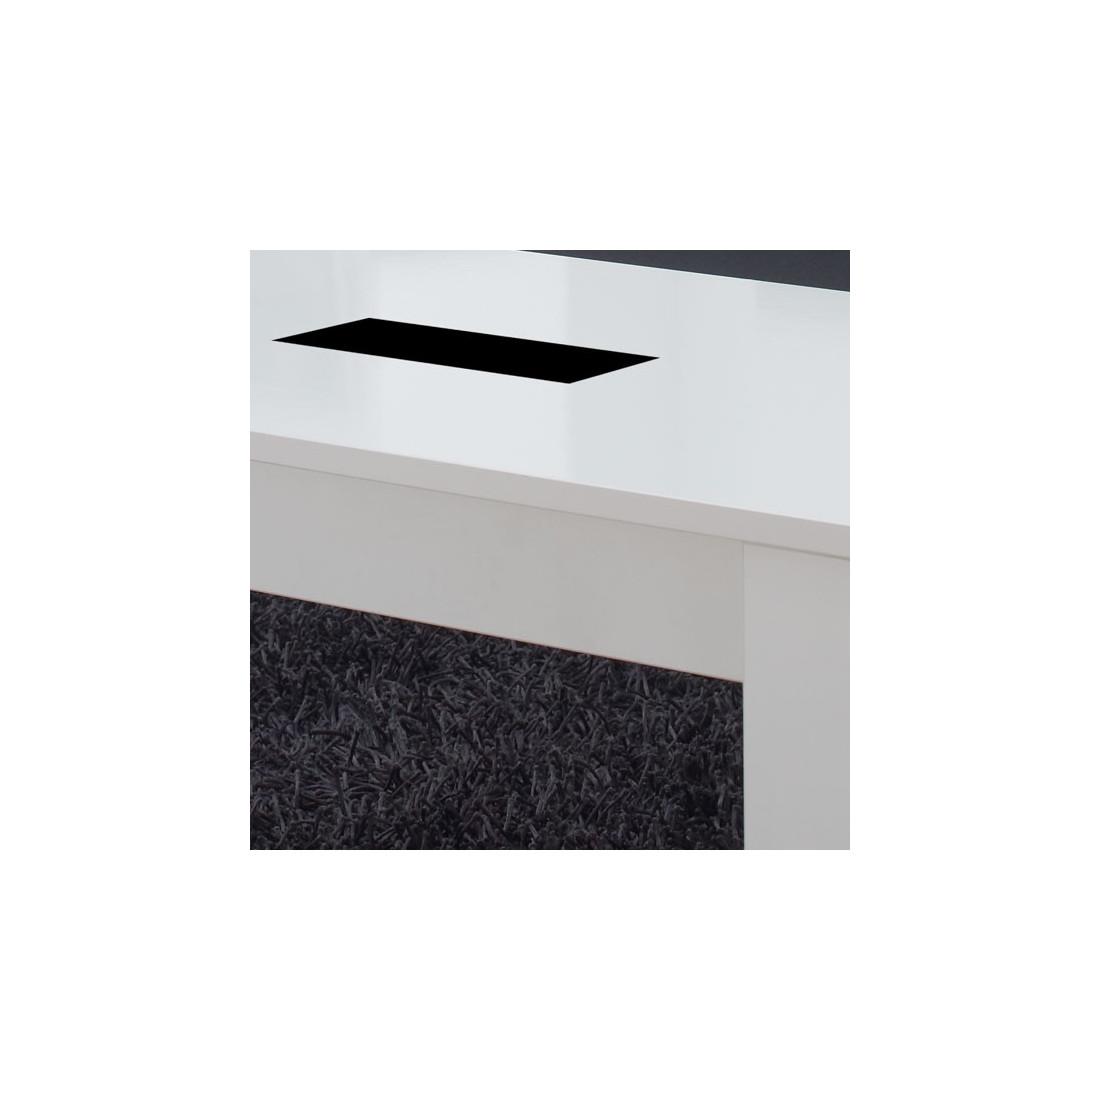 table basse blanche relevable moderne n 1 mysia univers. Black Bedroom Furniture Sets. Home Design Ideas